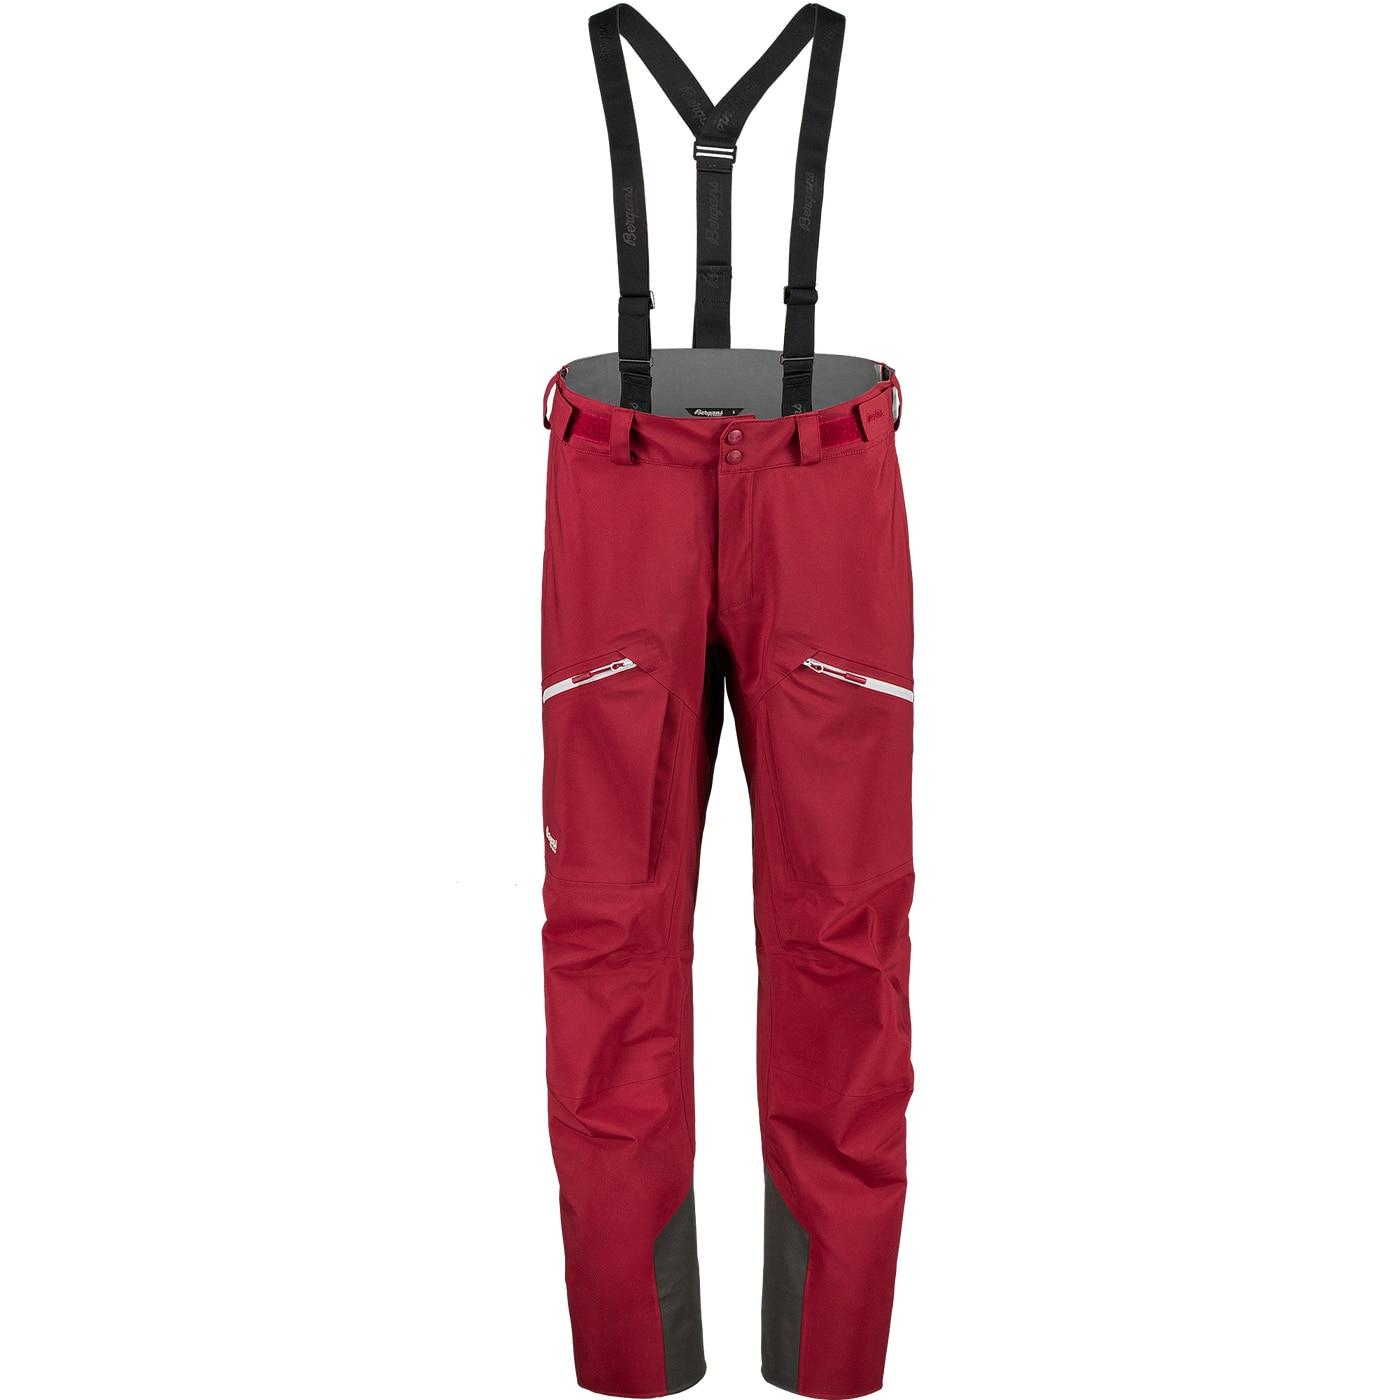 Romsdal Pro 3L W Pants